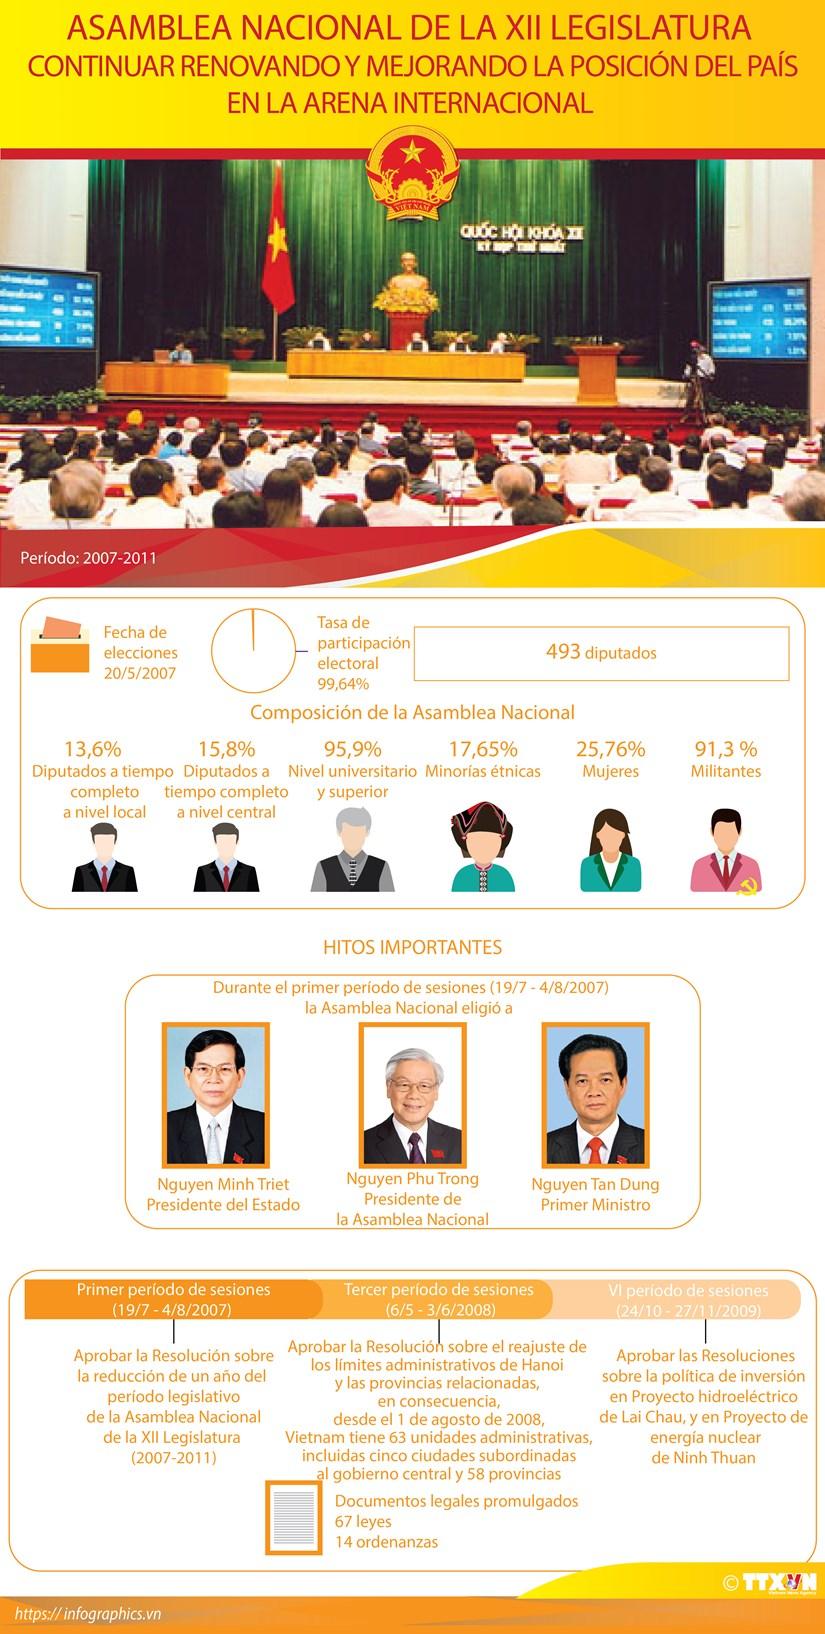 Asamblea Nacional de la XII Legislatura hinh anh 1